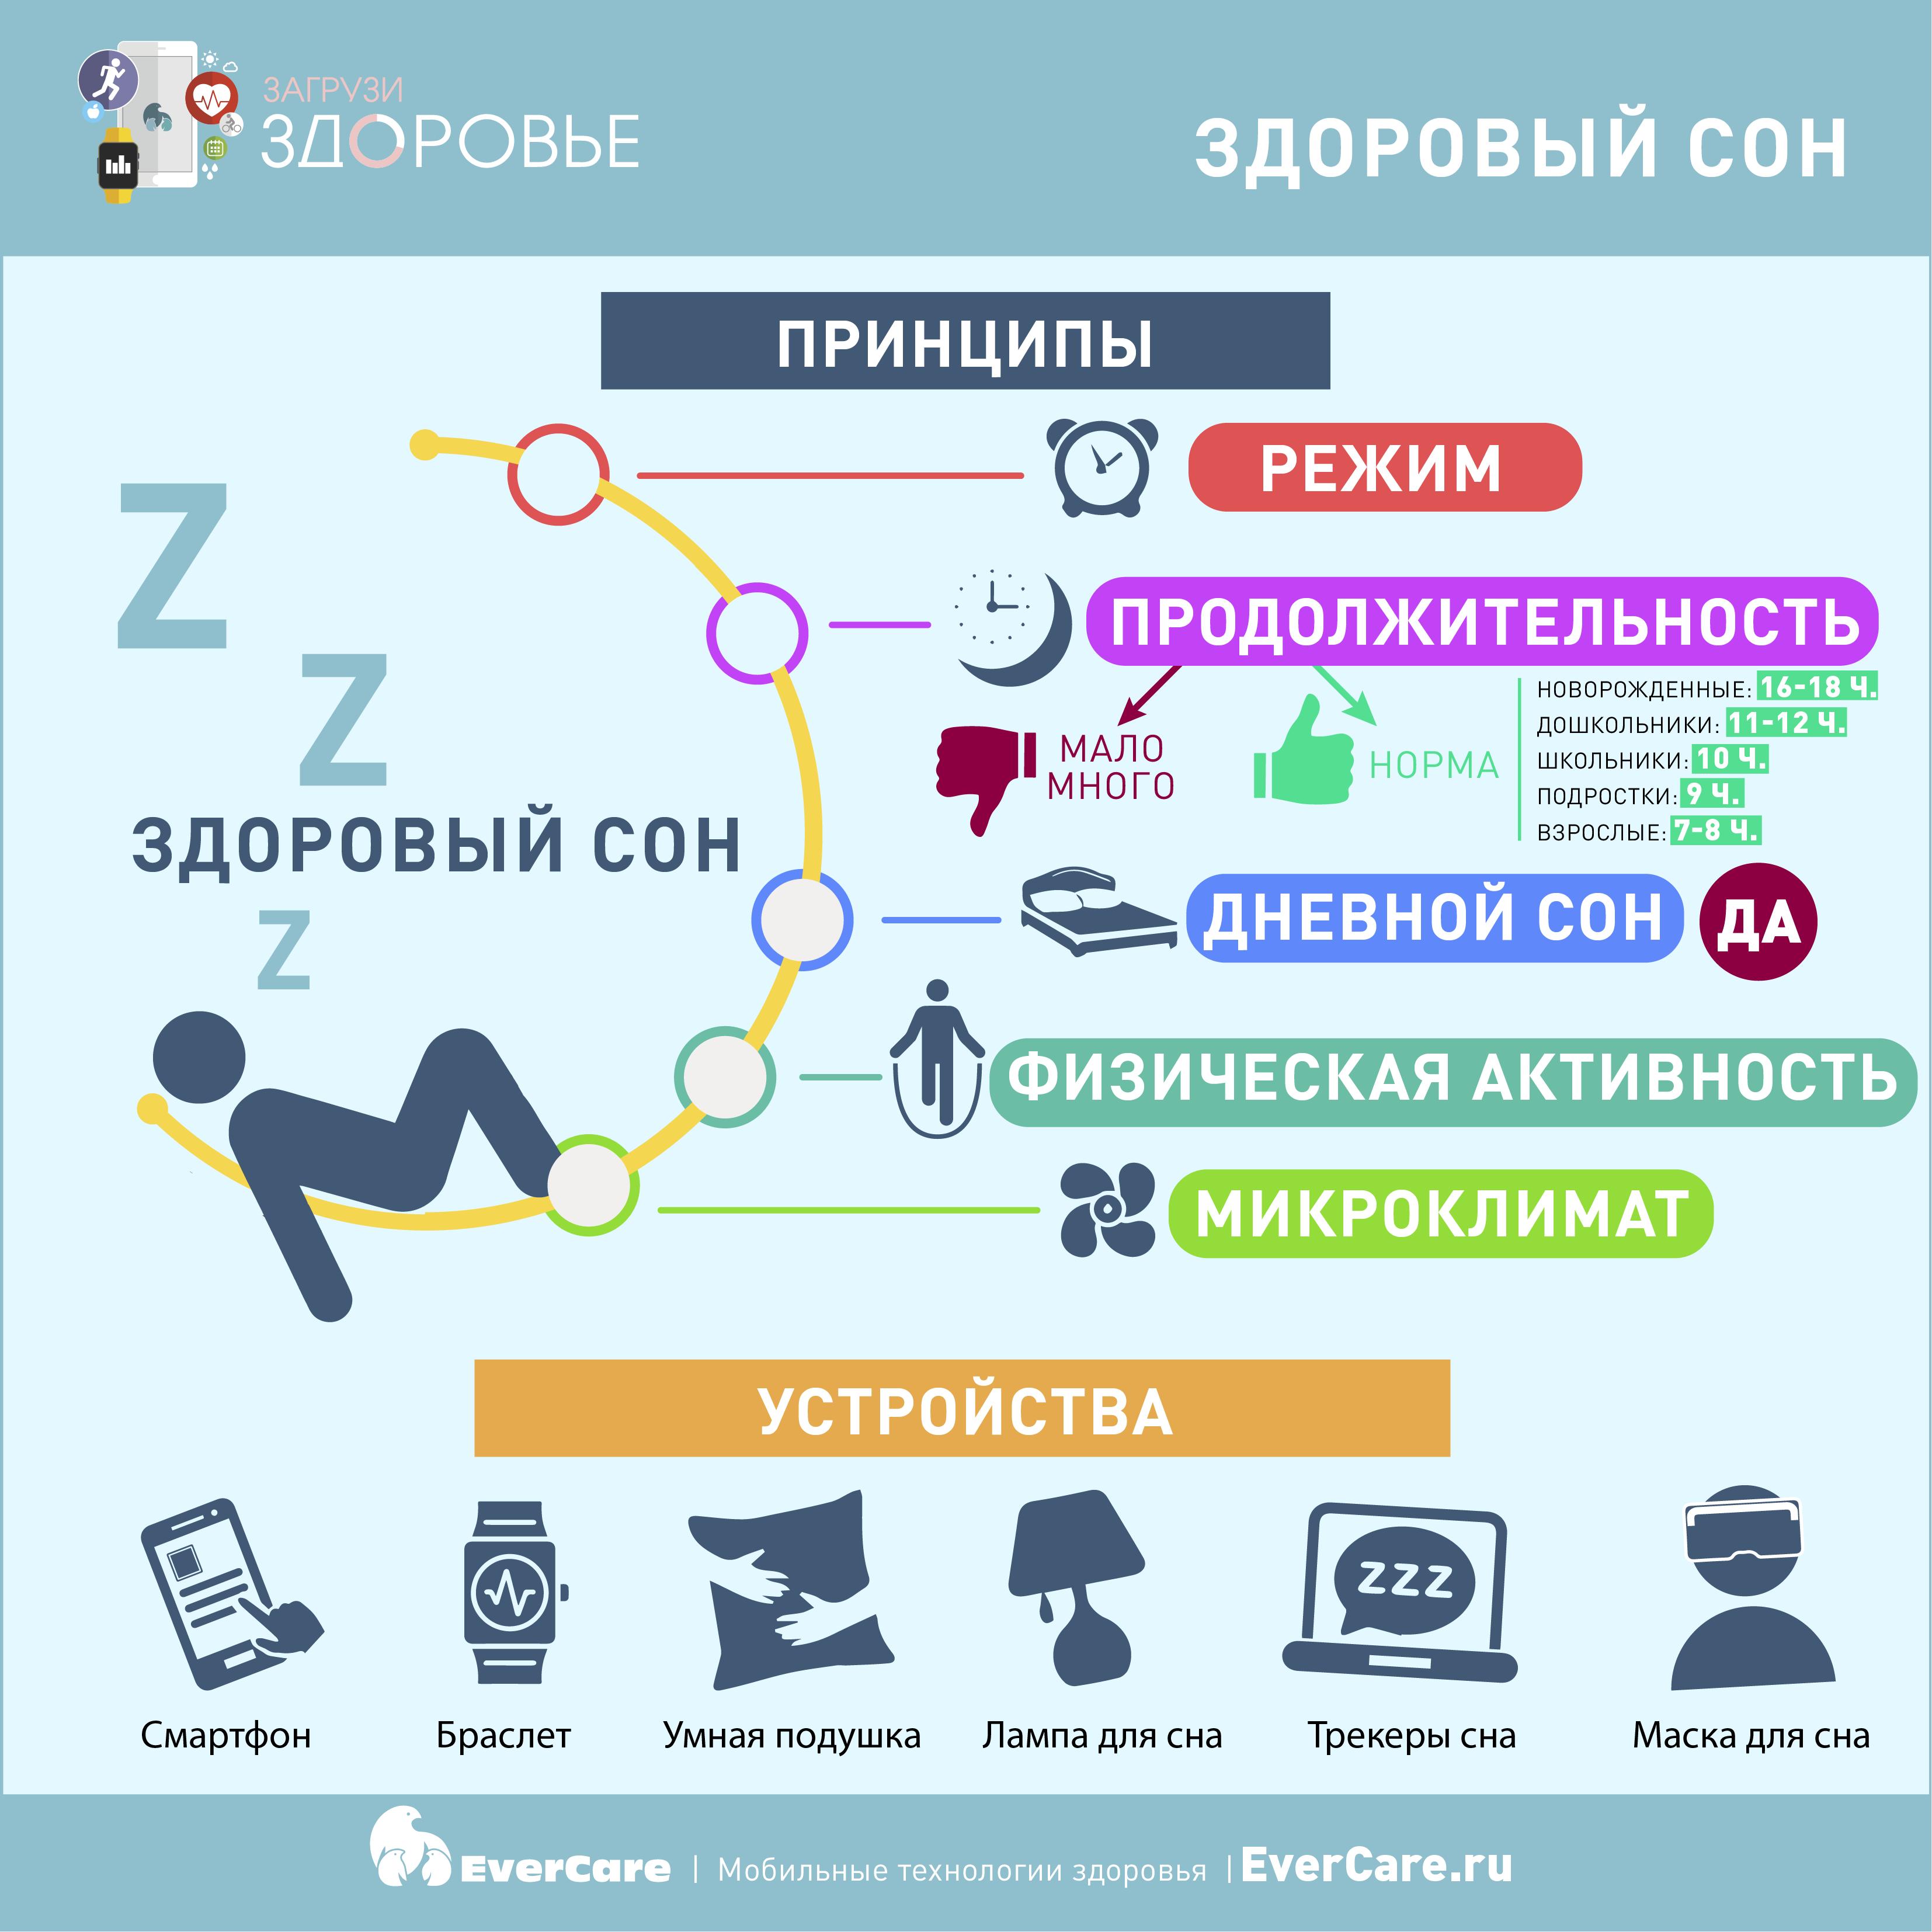 Здоровый сон, Инфографика